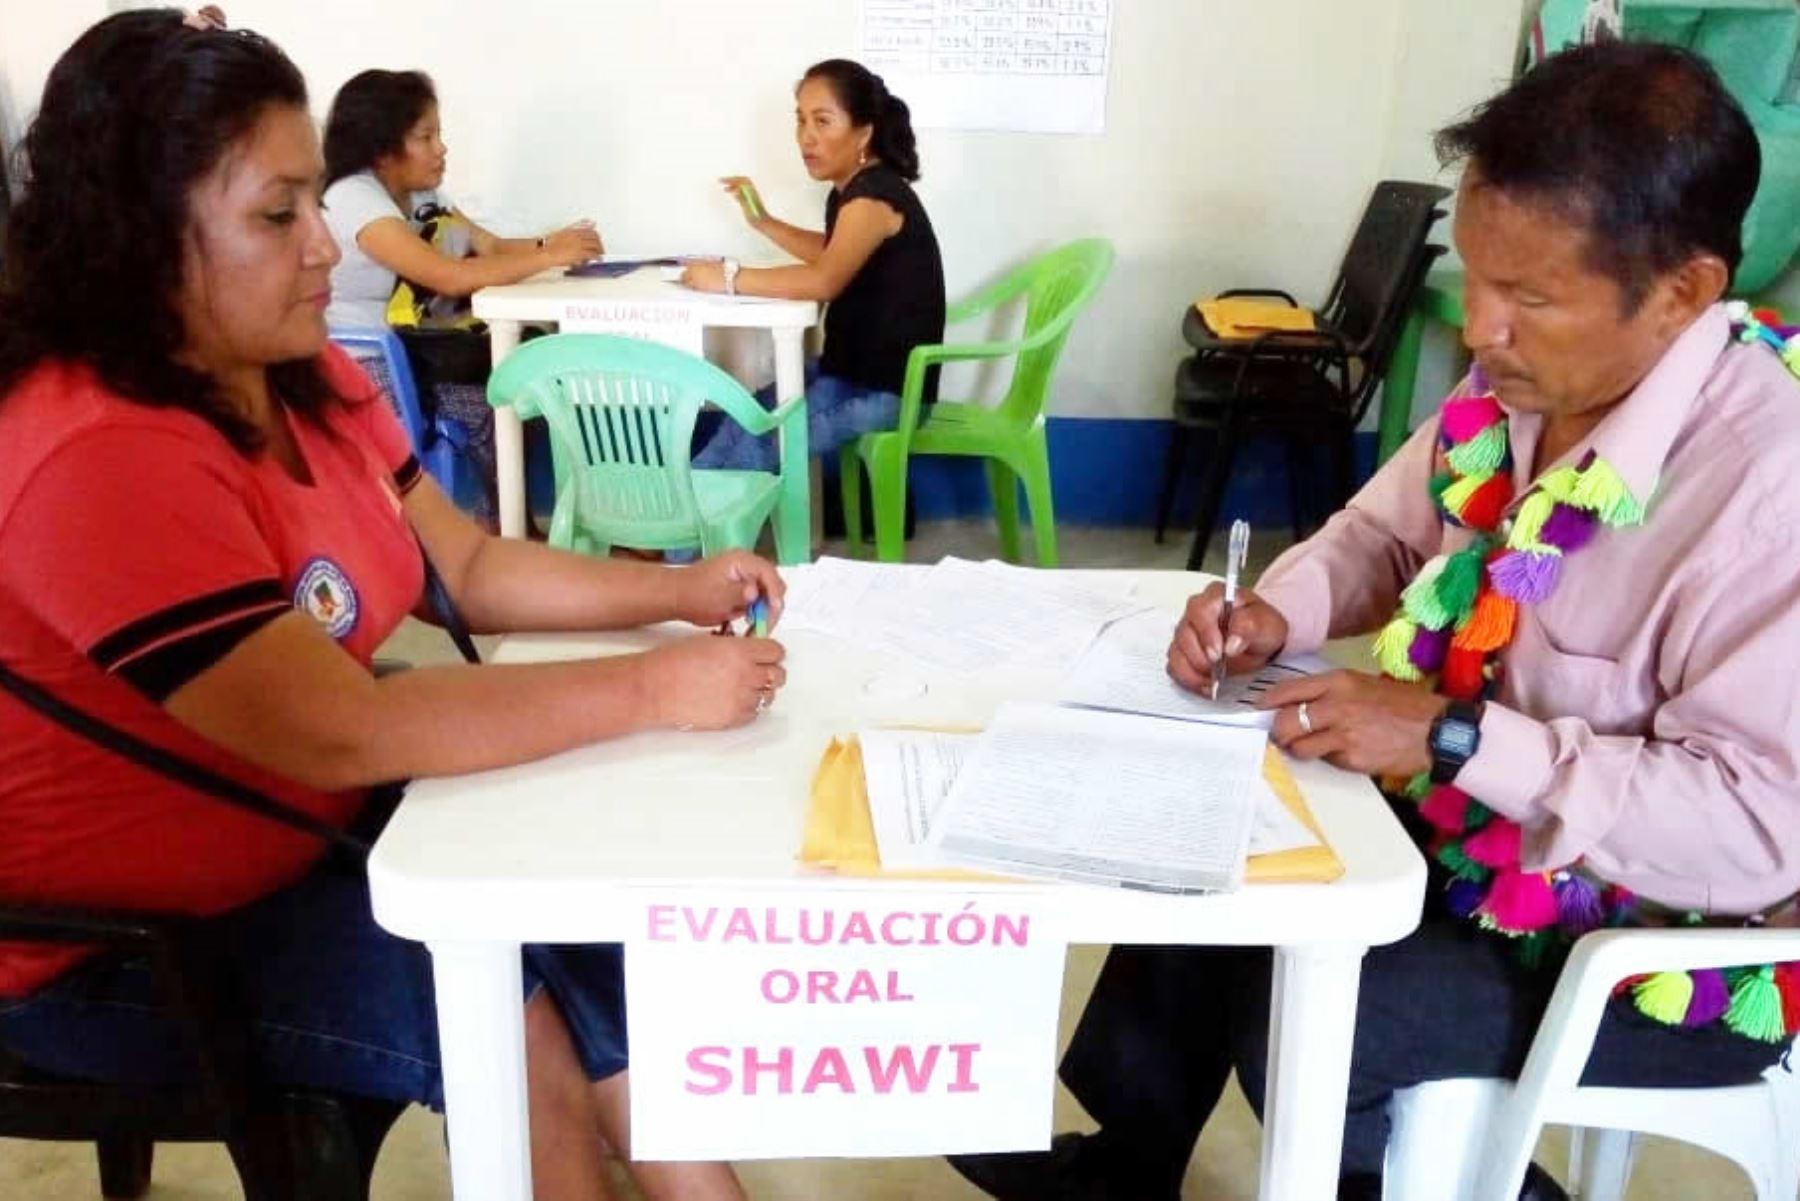 Más de 70,000 docentes fueron evaluados en lenguas originarias por el Ministerio de Educación. ANDINA/Difusión